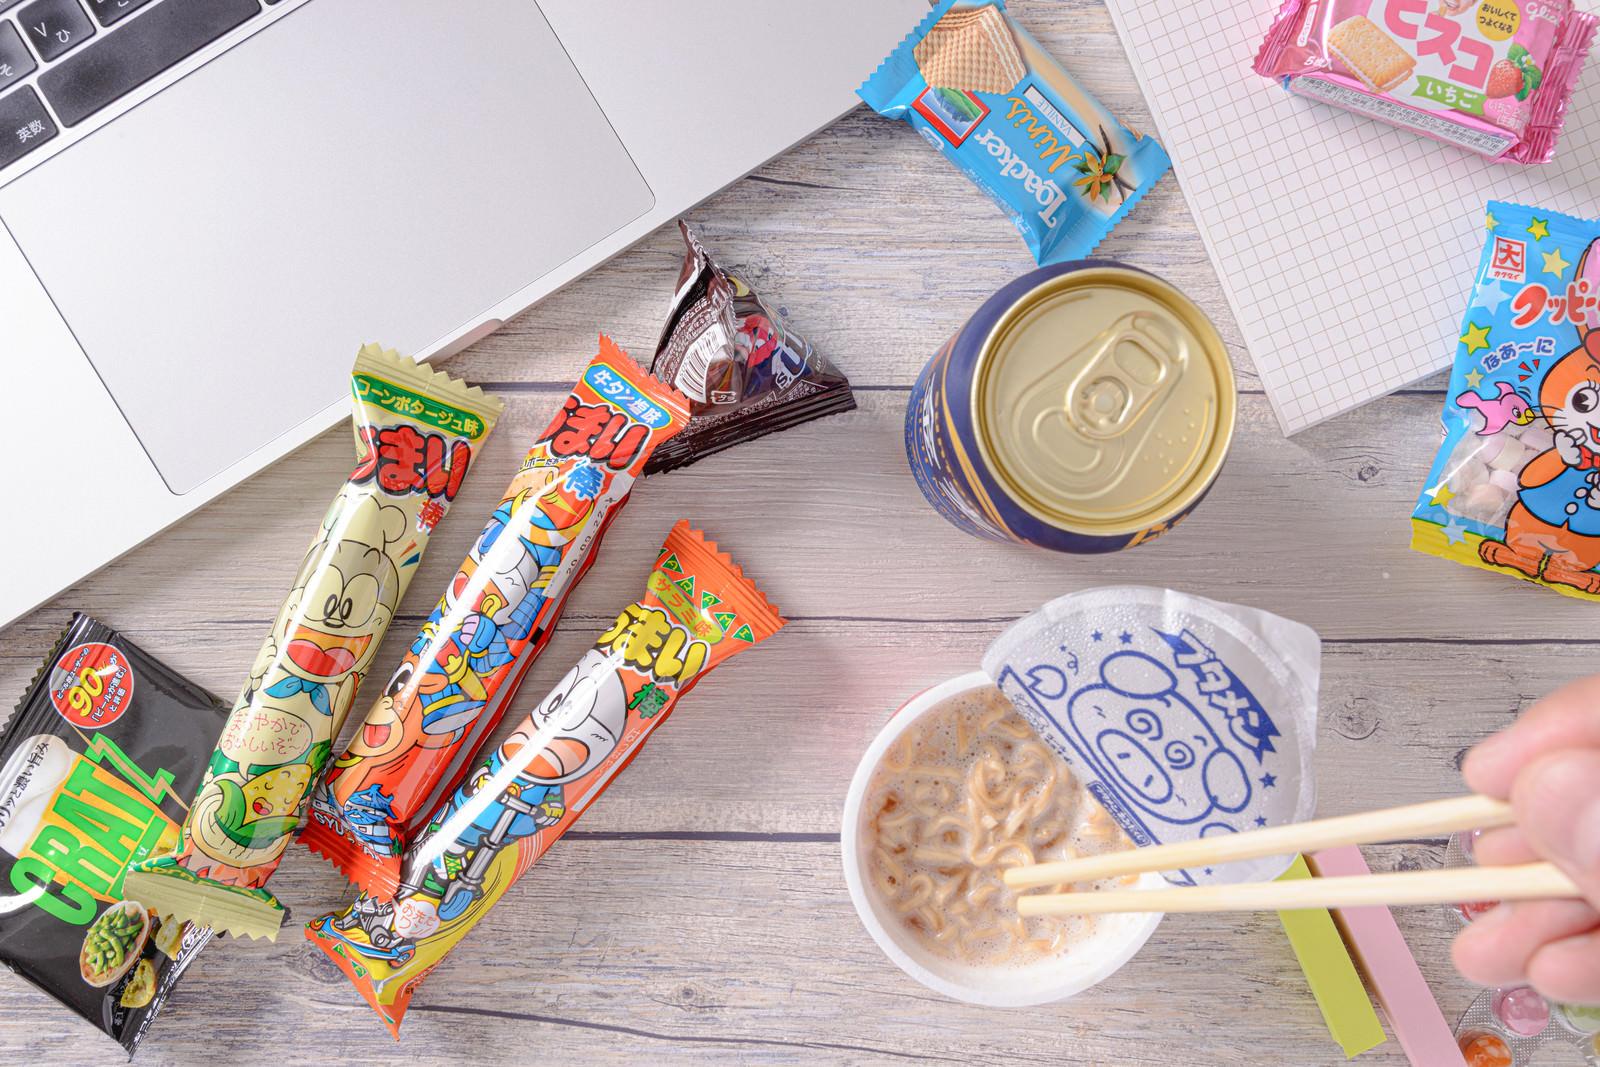 「ブタメンとお菓子でお腹を満たす」の写真